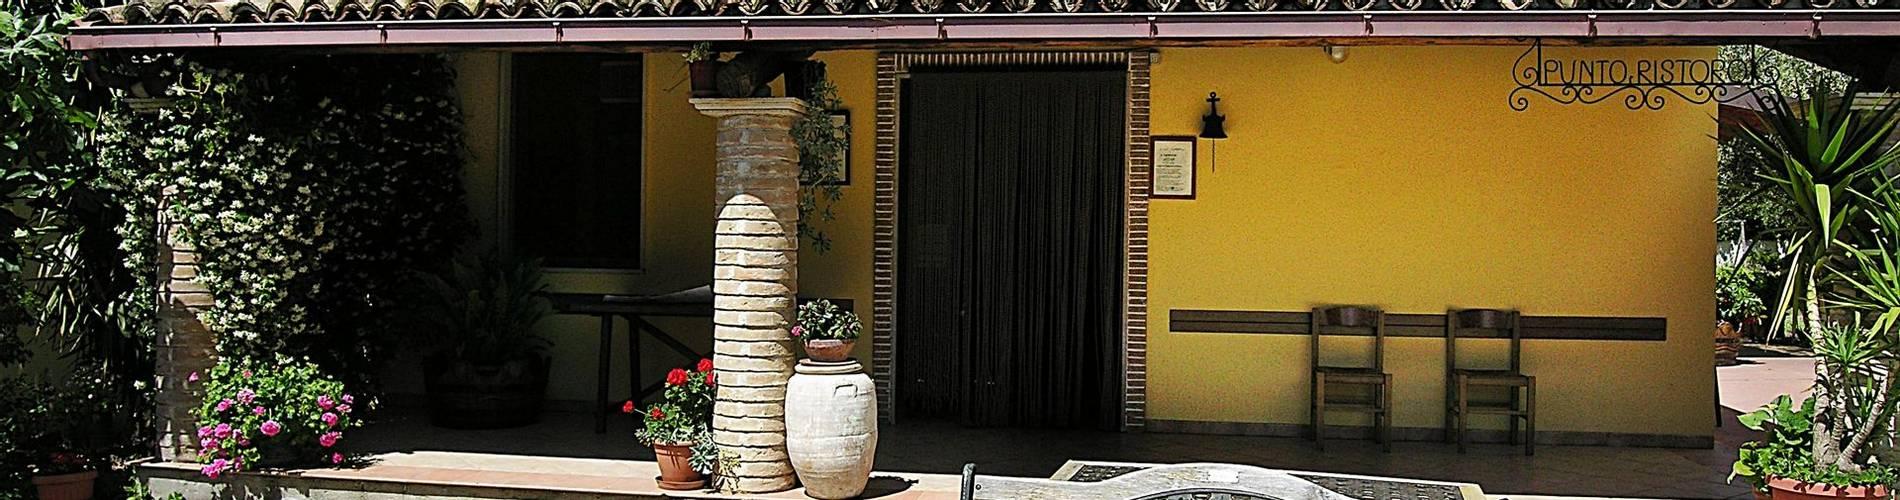 Fattoria Dell'Uliveto, Abruzzo, Italy (6).jpg